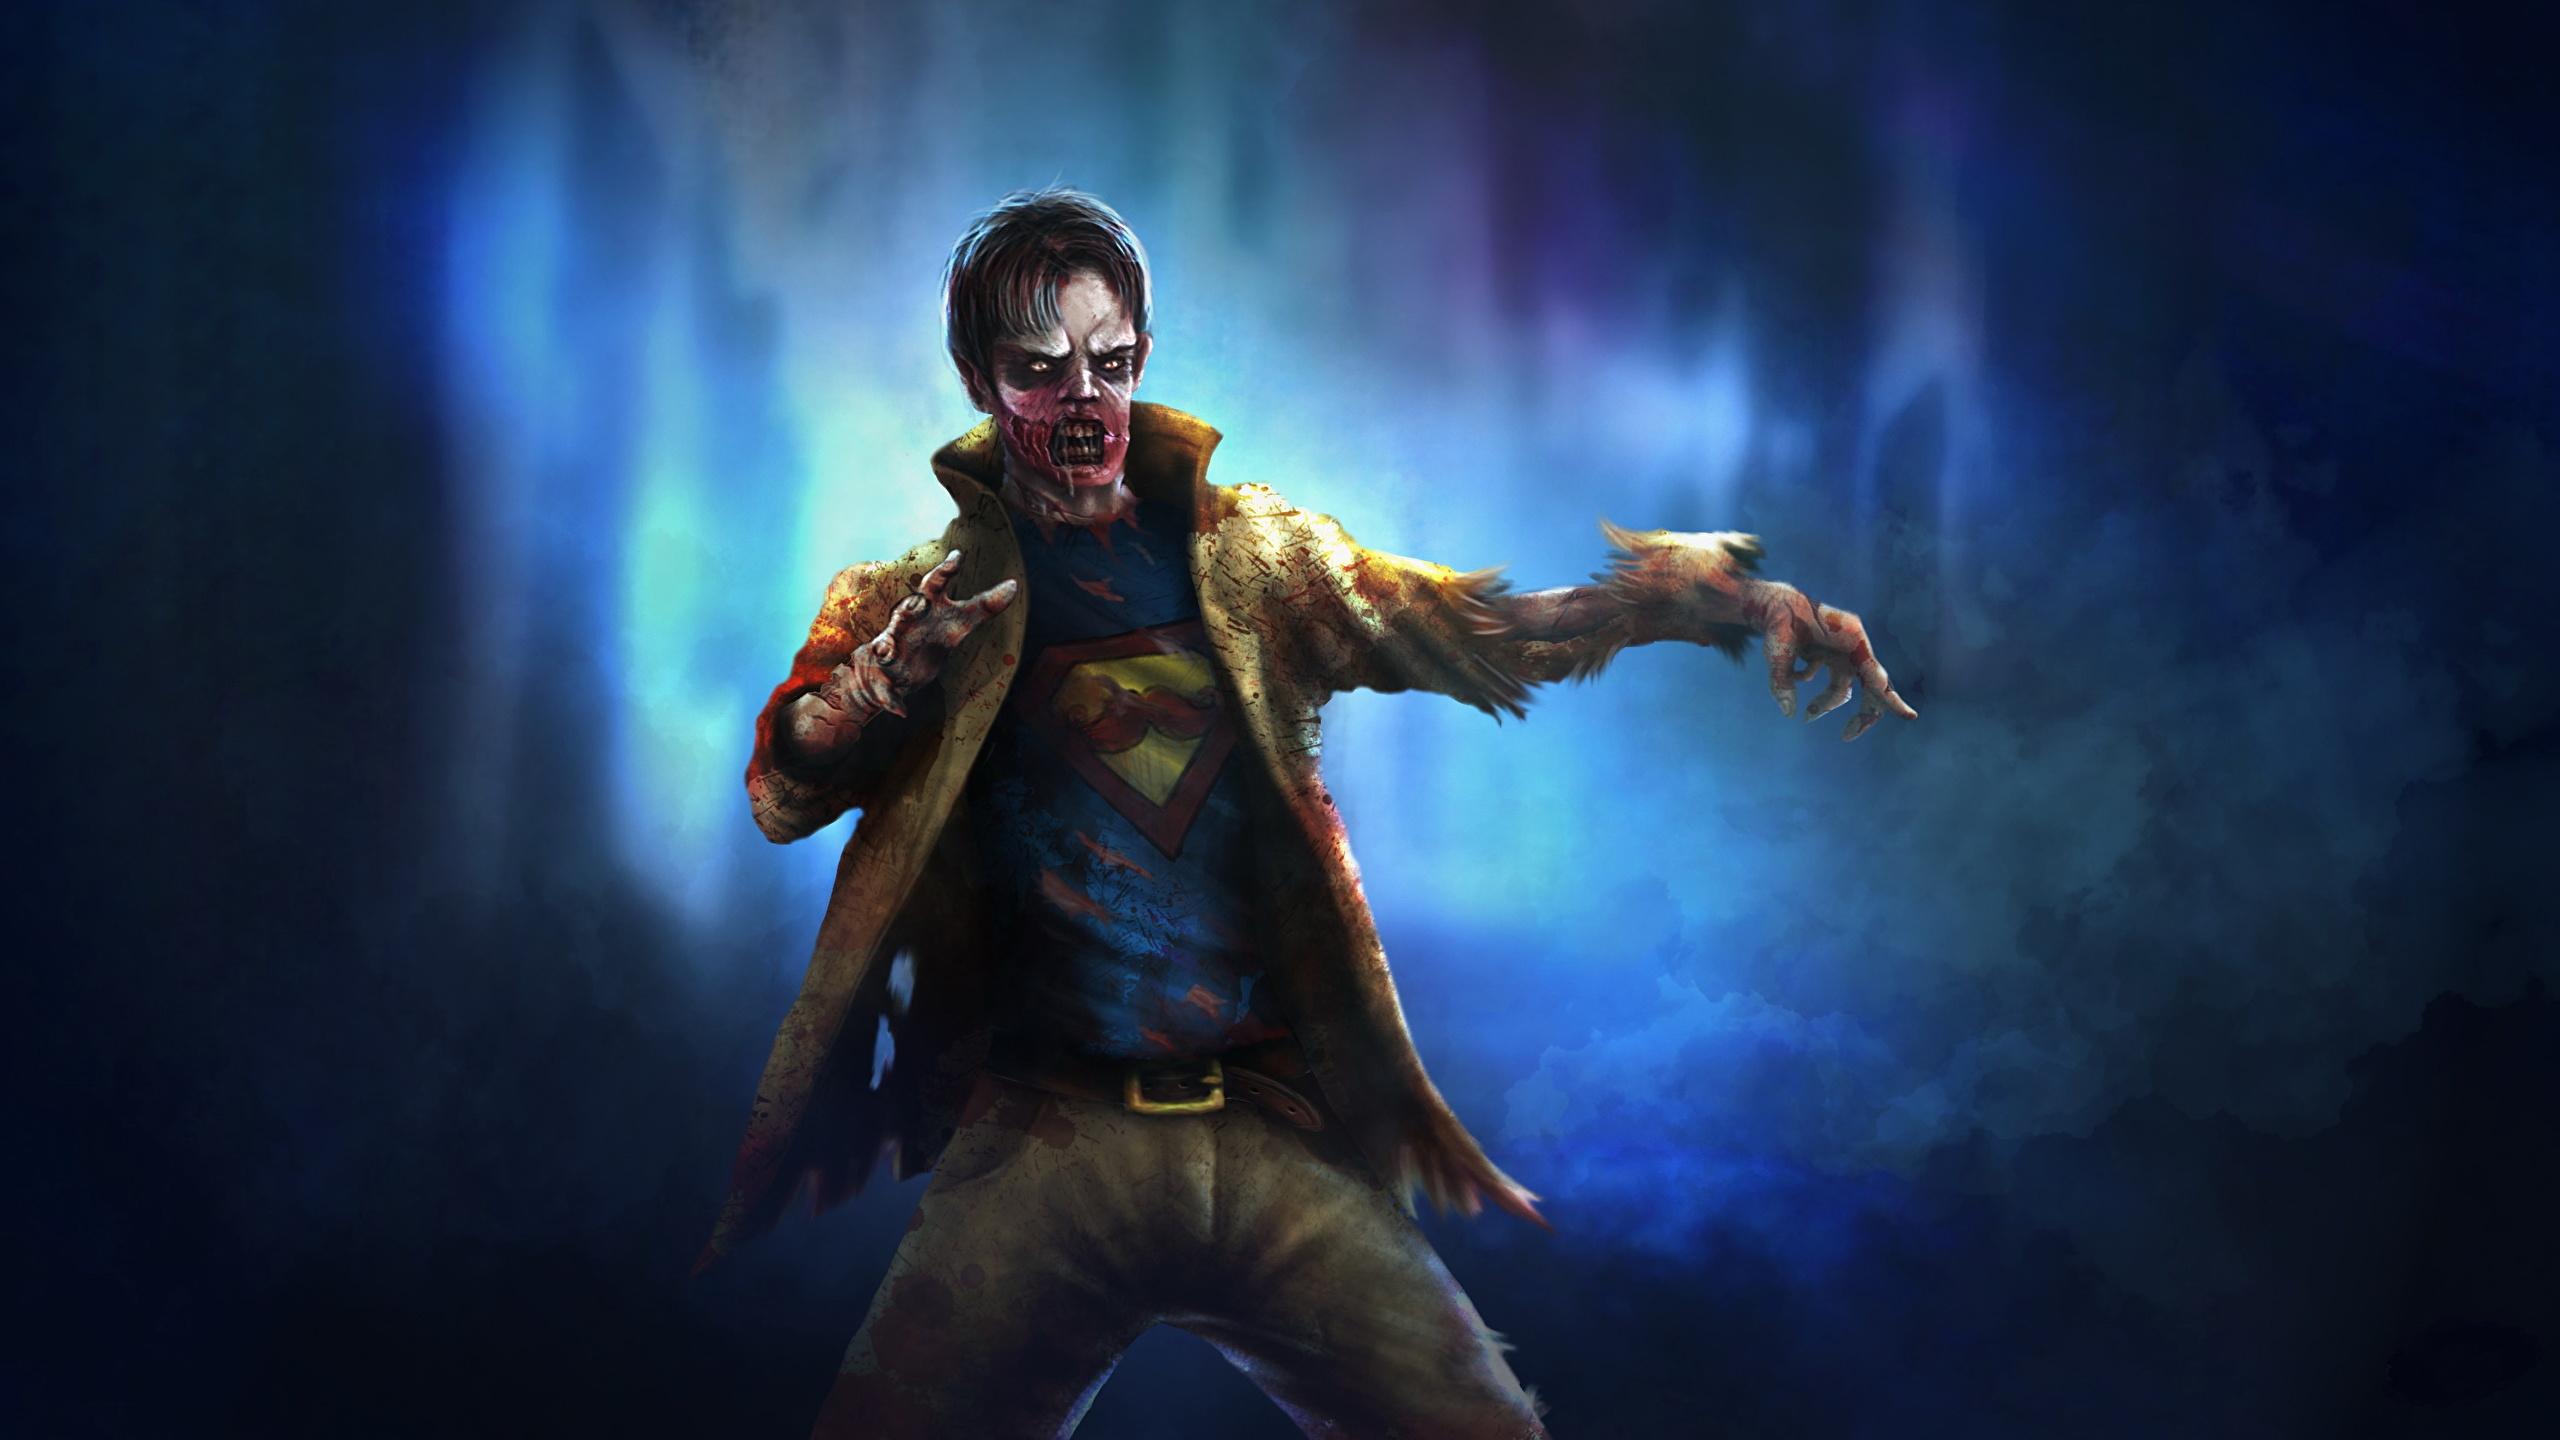 Desktop Wallpapers Zombie Fantasy 2560x1440